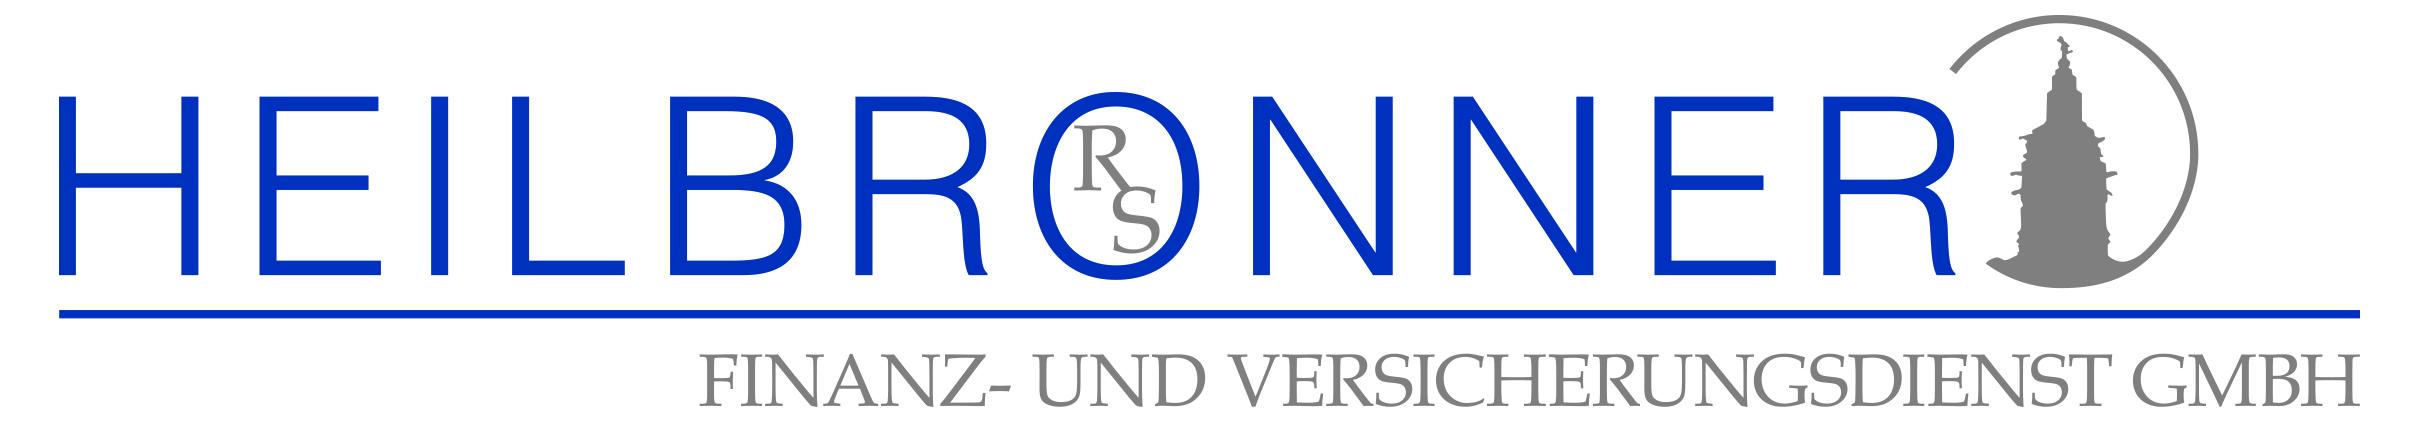 Ihr Versicherungsmakler der Region Heilbronn-Franken - RS-Heilbronner